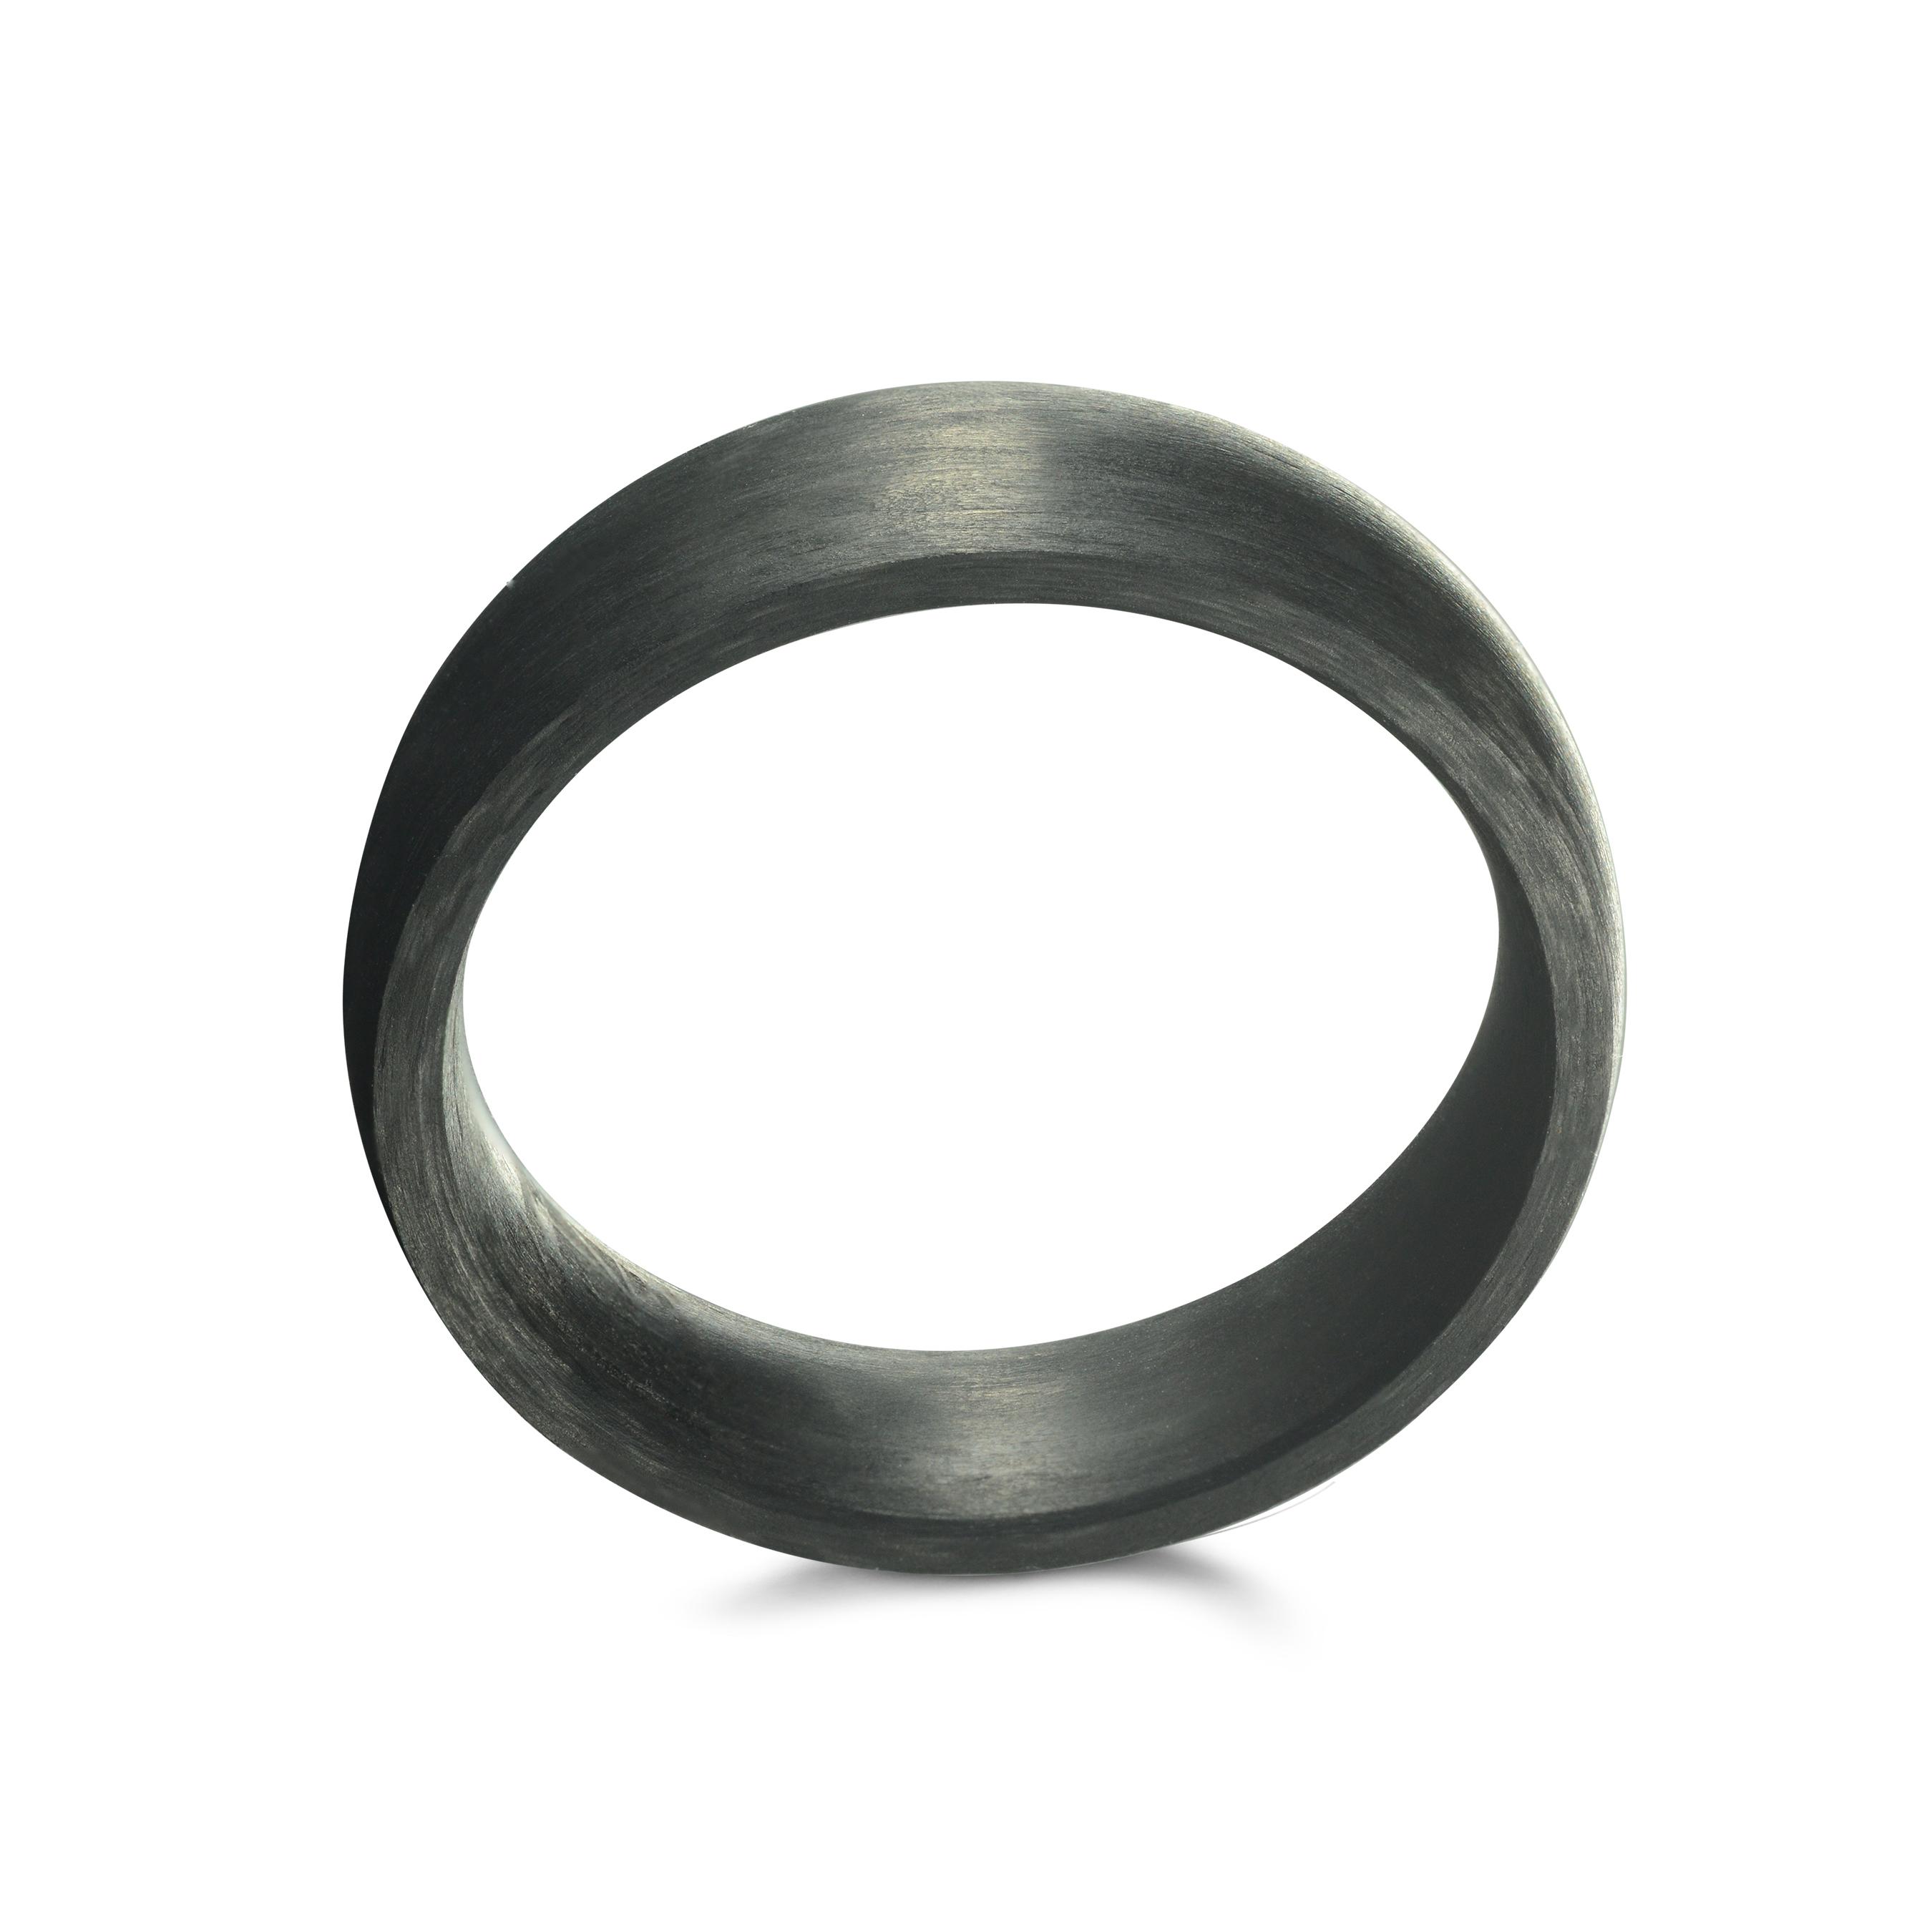 Band - Carbon fiber